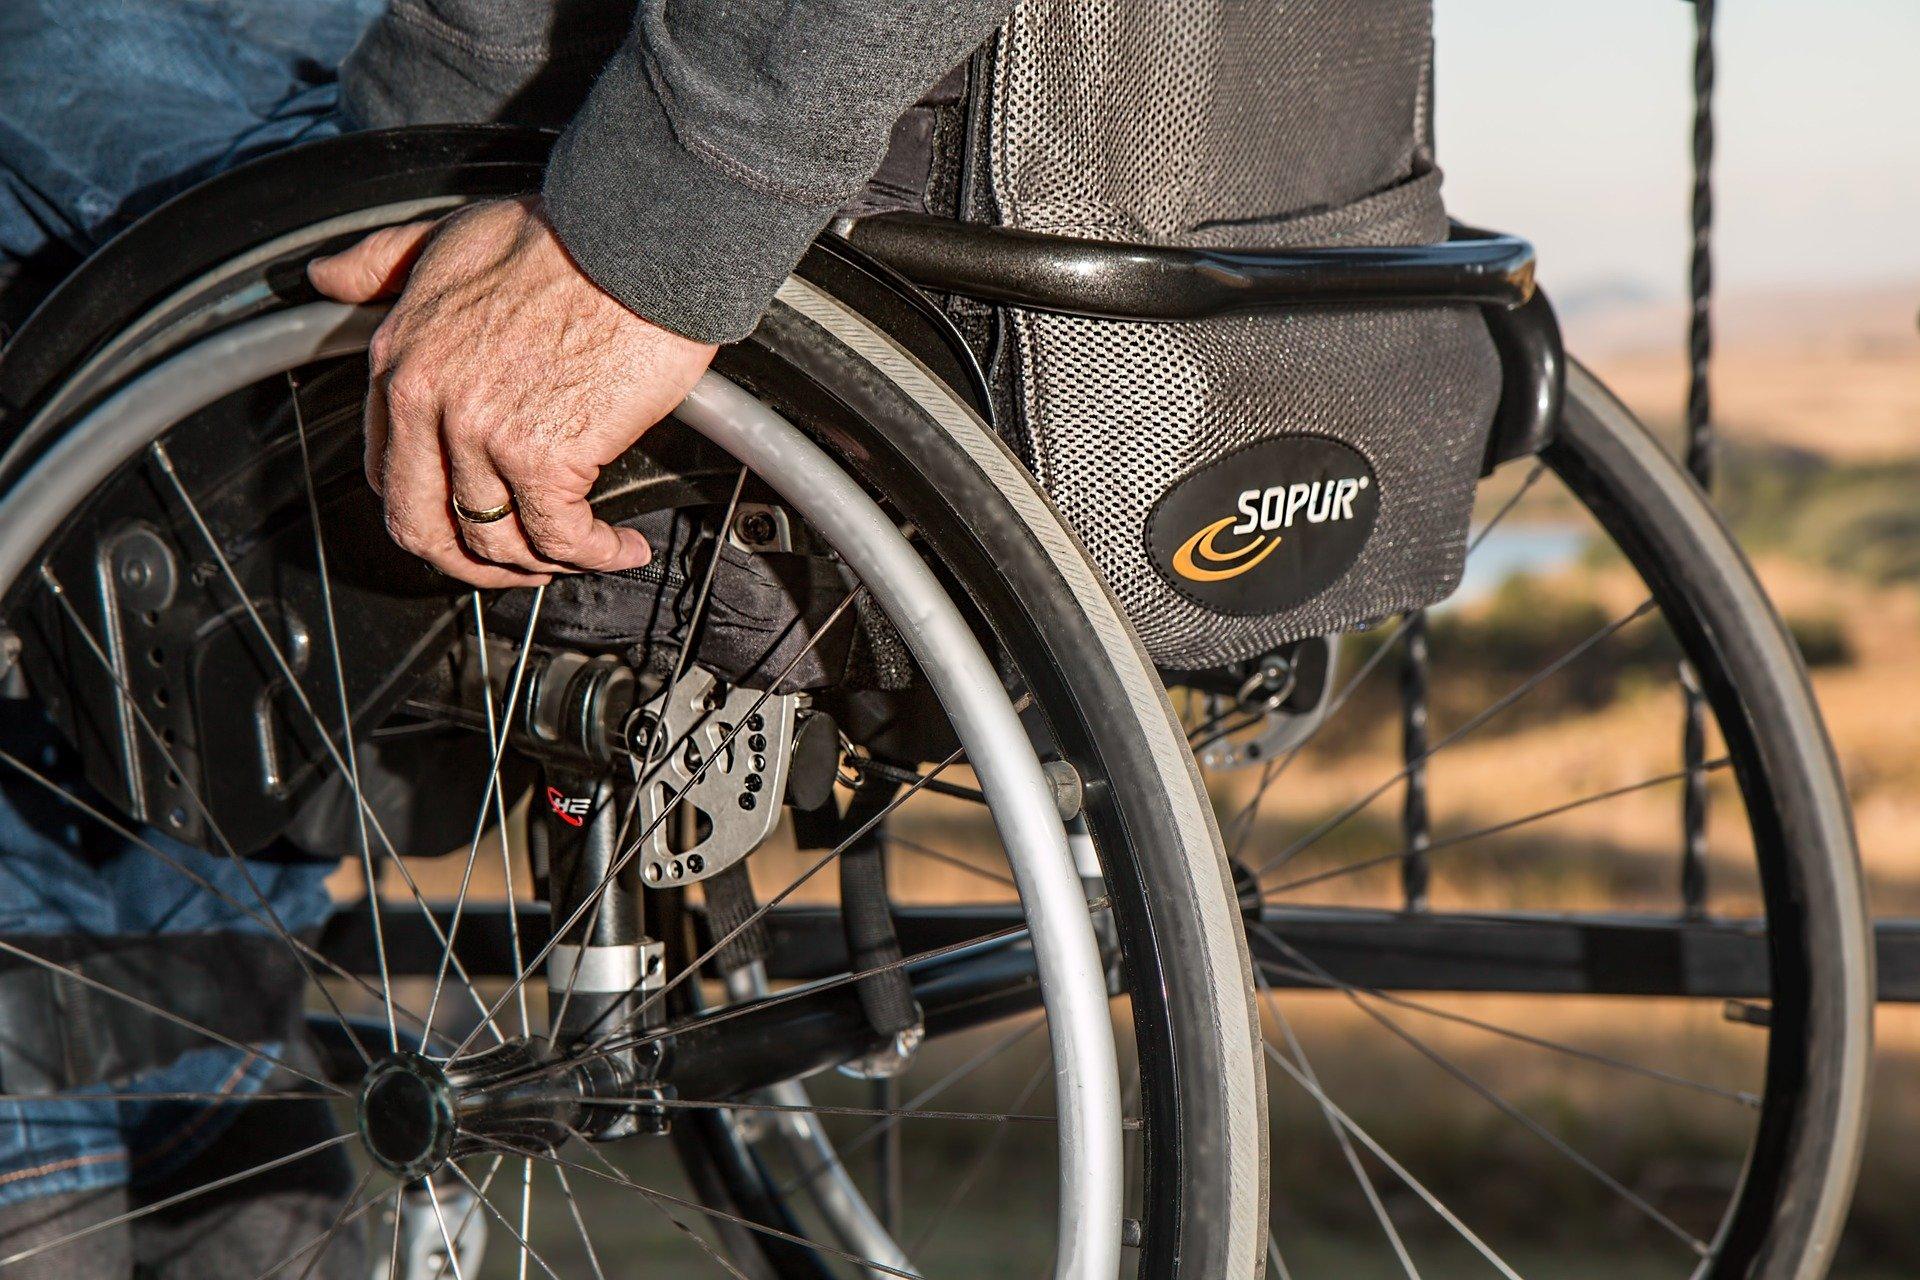 Los pacientes con discapacidad dan un aprobado justo a la accesibilidad de los servicios sanitarios